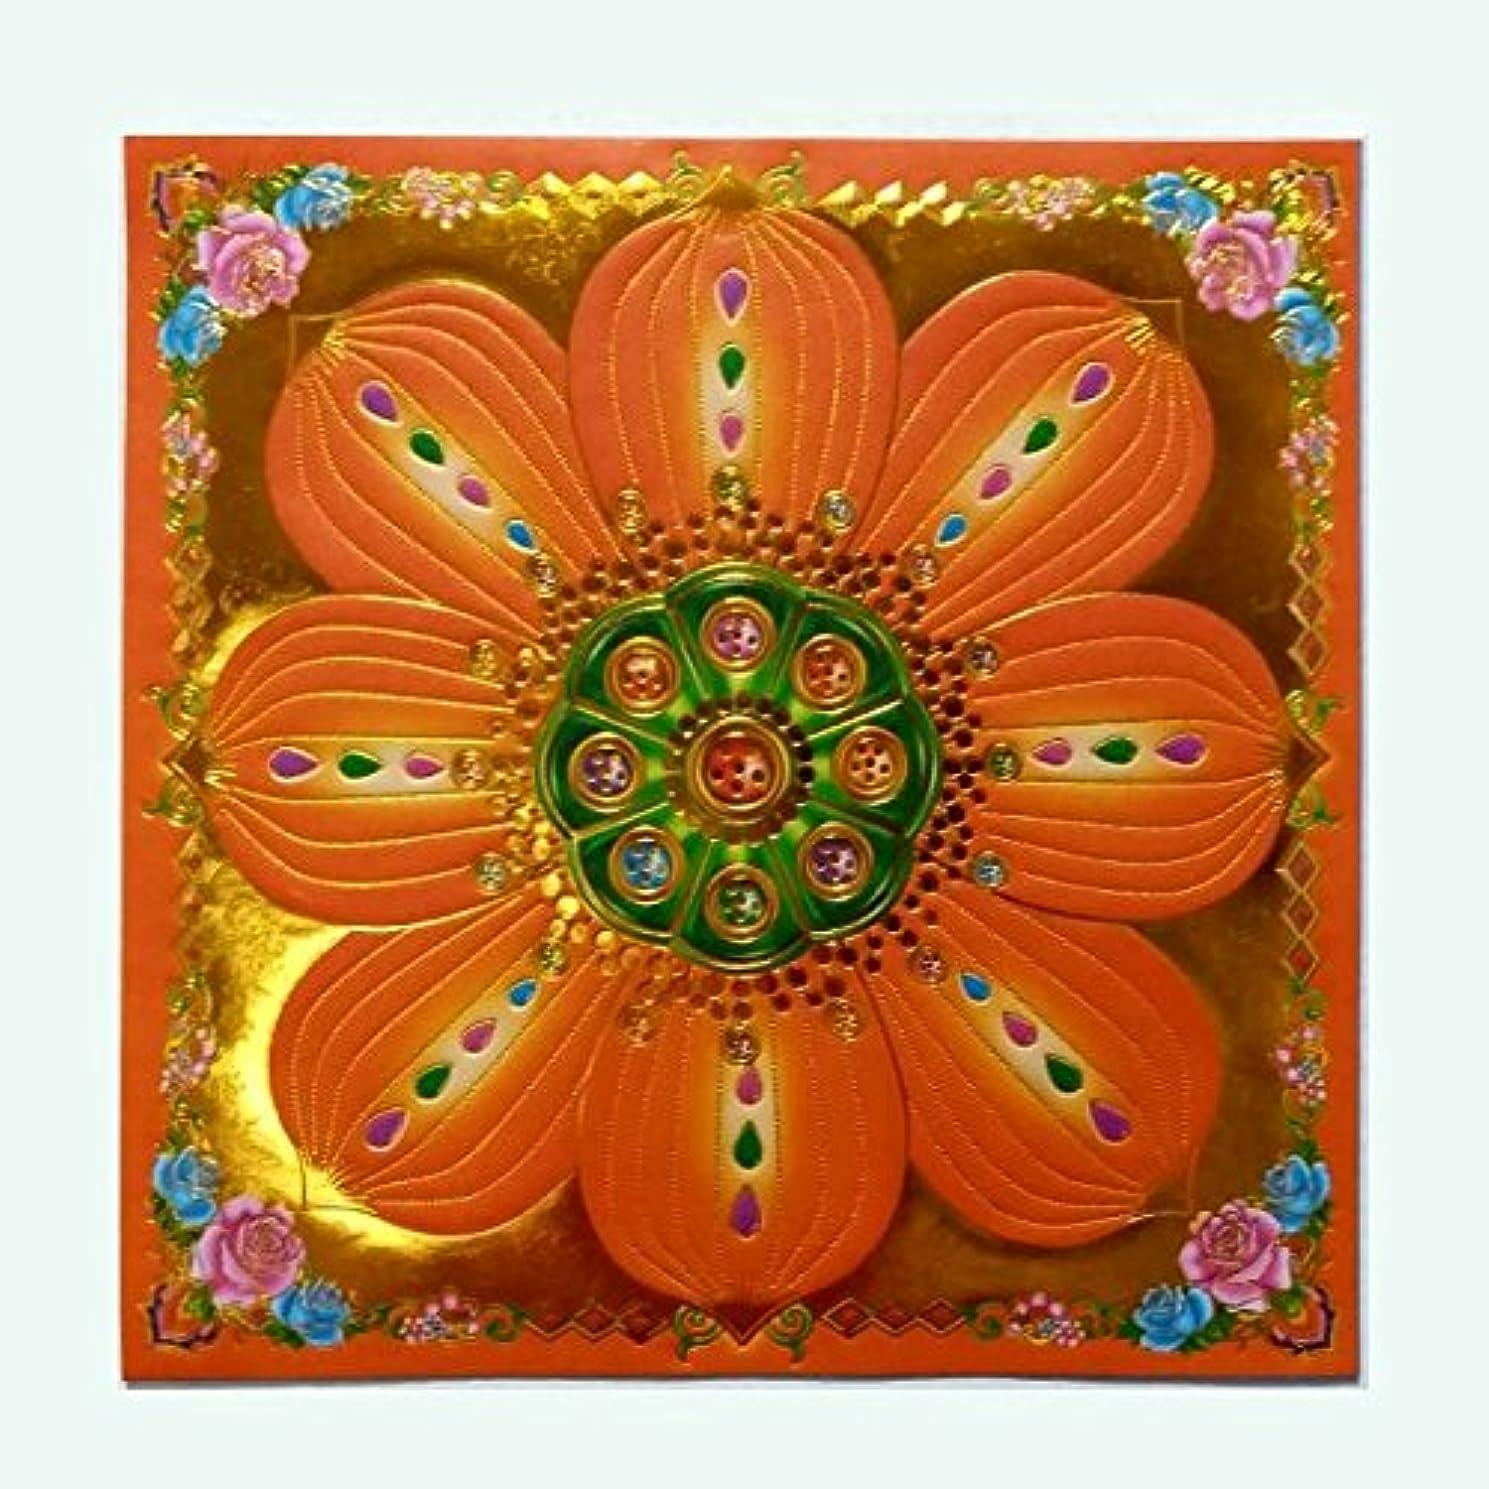 曖昧なシソーラス禁止40pcs Incense用紙/Joss用紙ハイグレードカラフルwithゴールドの箔Sサイズの祖先Praying 7.5インチx 7.5インチ(オレンジ)